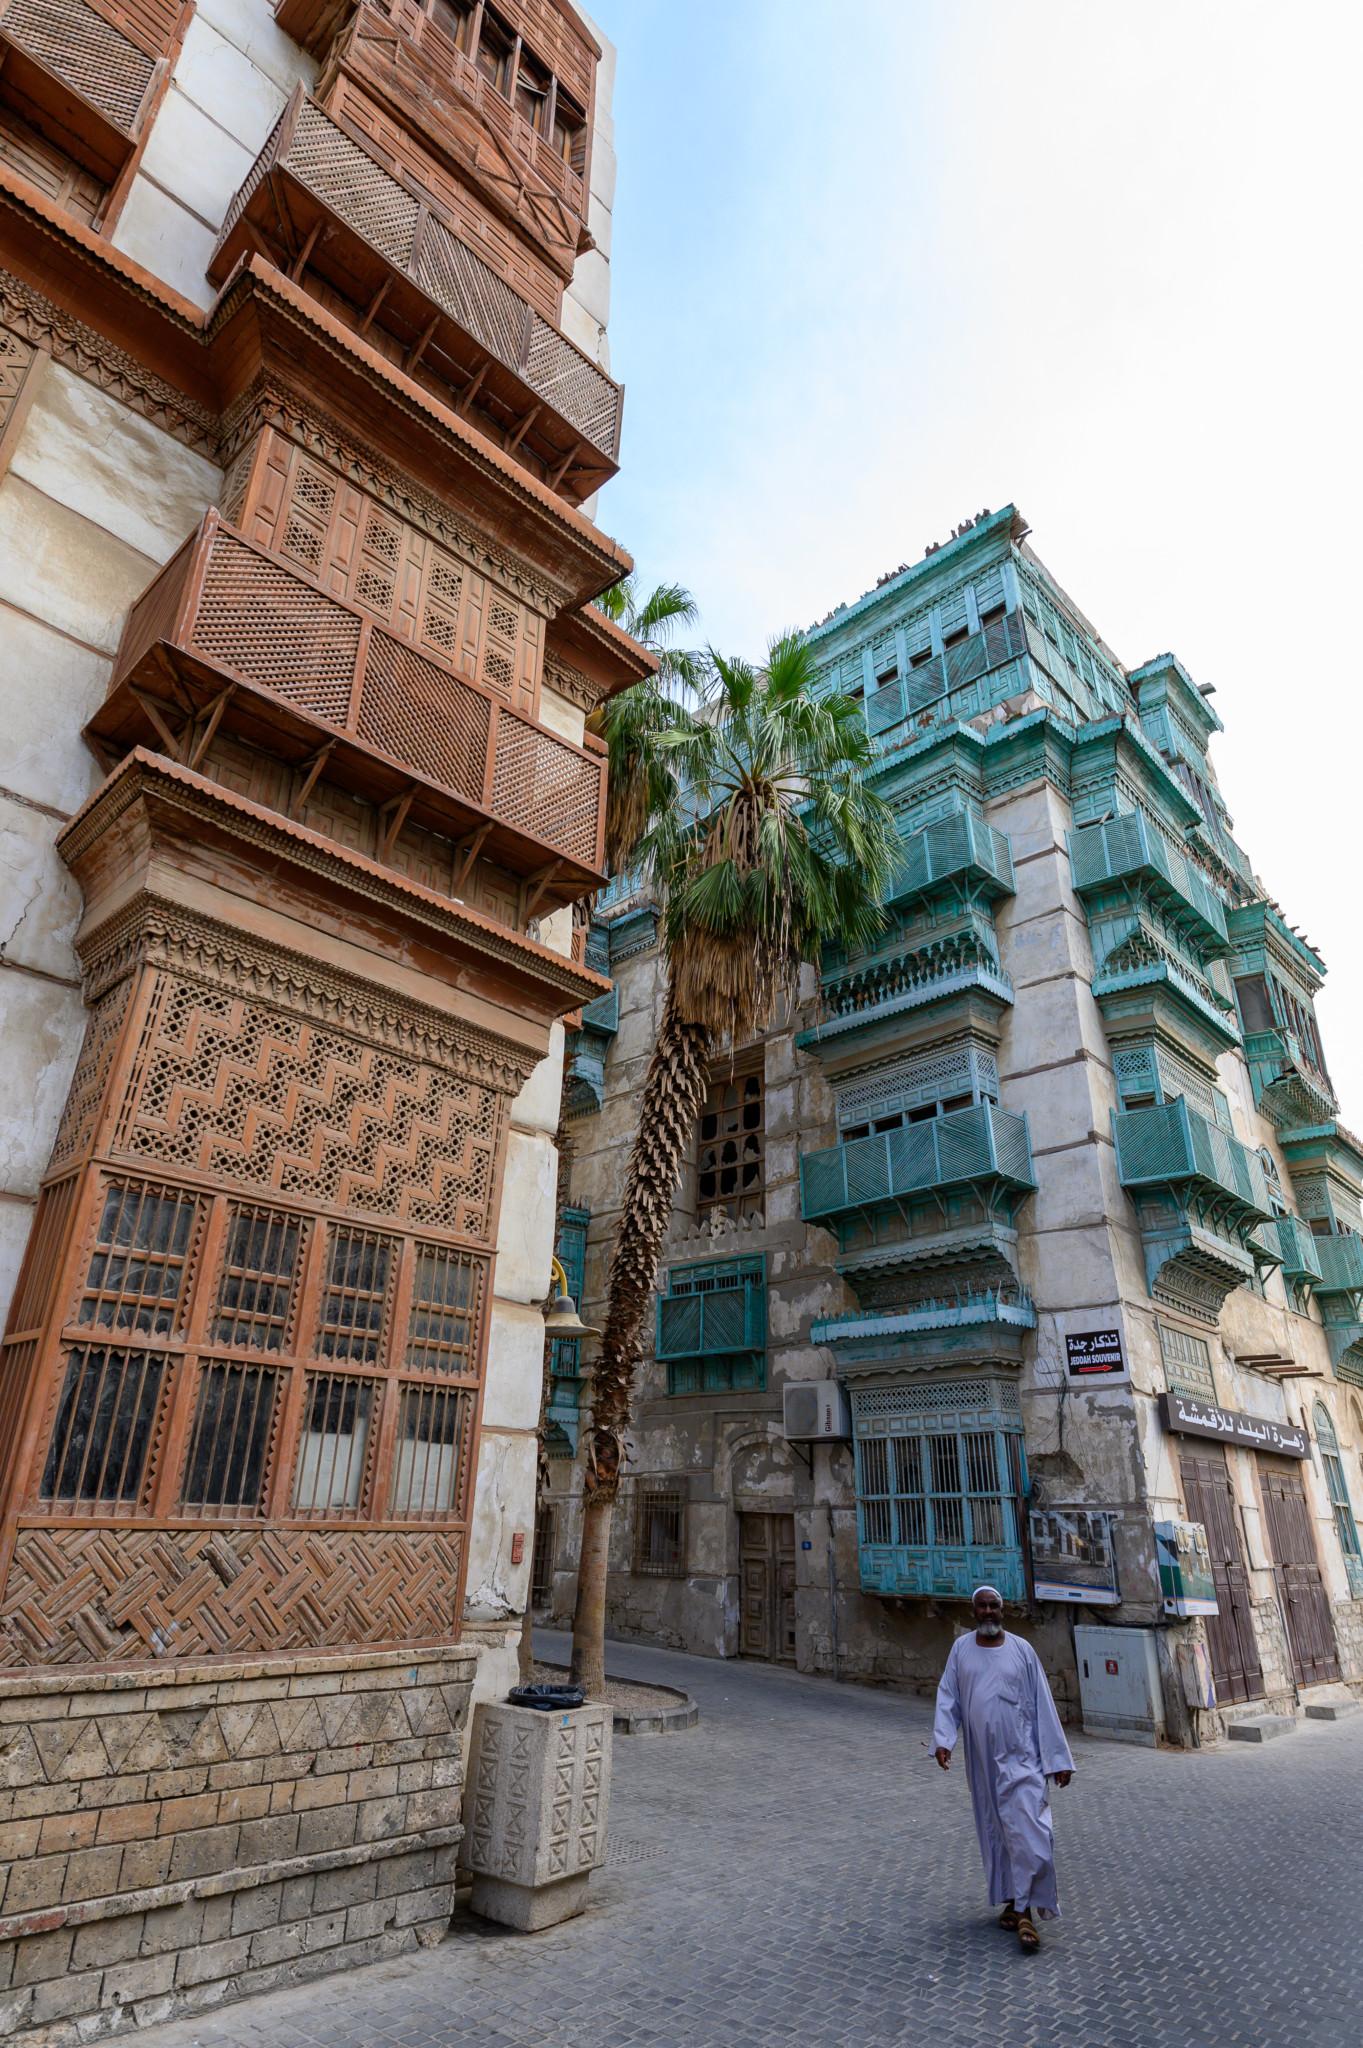 Architektur in der Altstadt von Jeddah in Saudi-Arabien